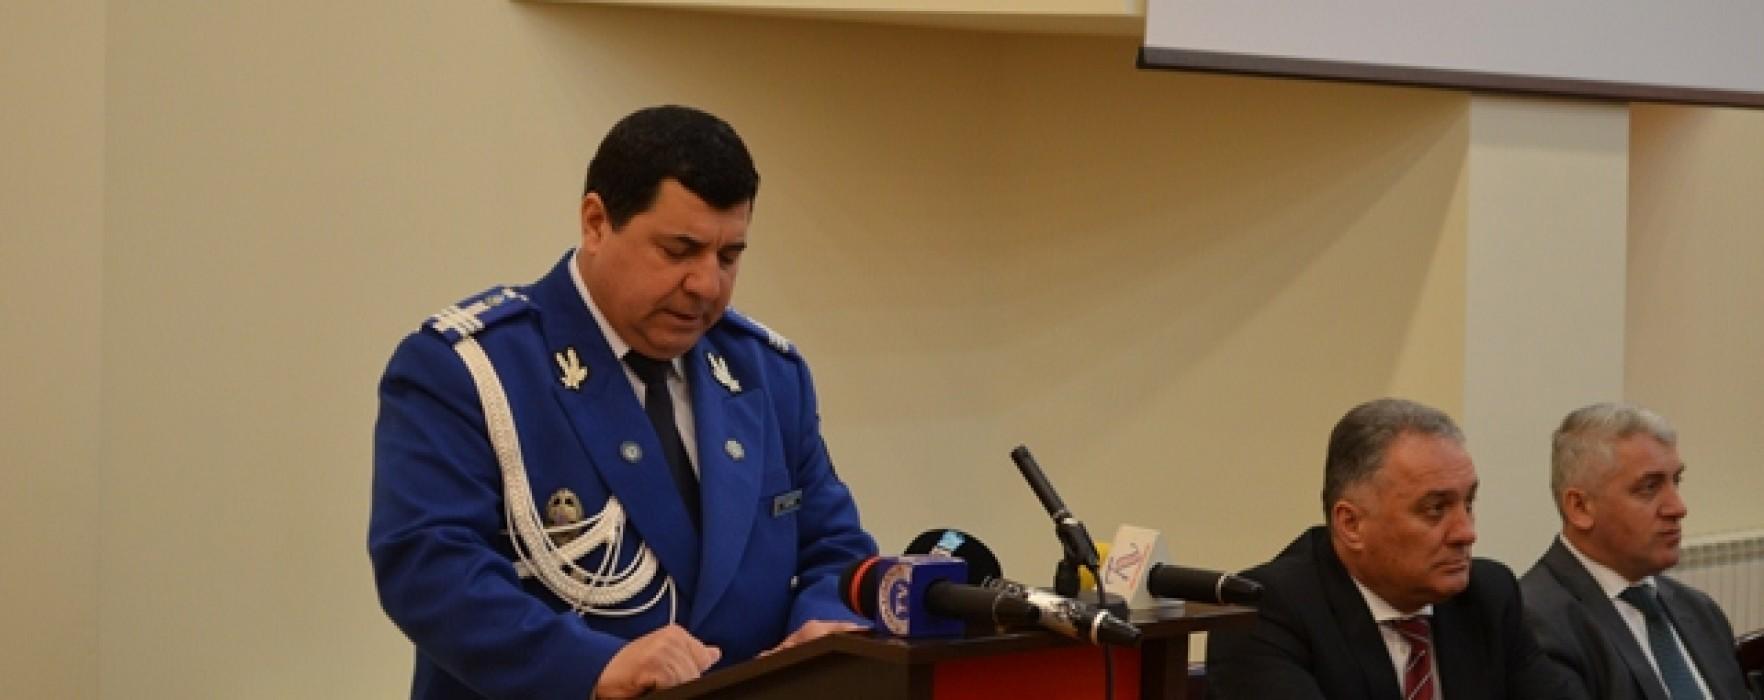 Ziua Jandarmeriei – mesajul comandantului IJJ Dâmbovița, Costel Gavrilă